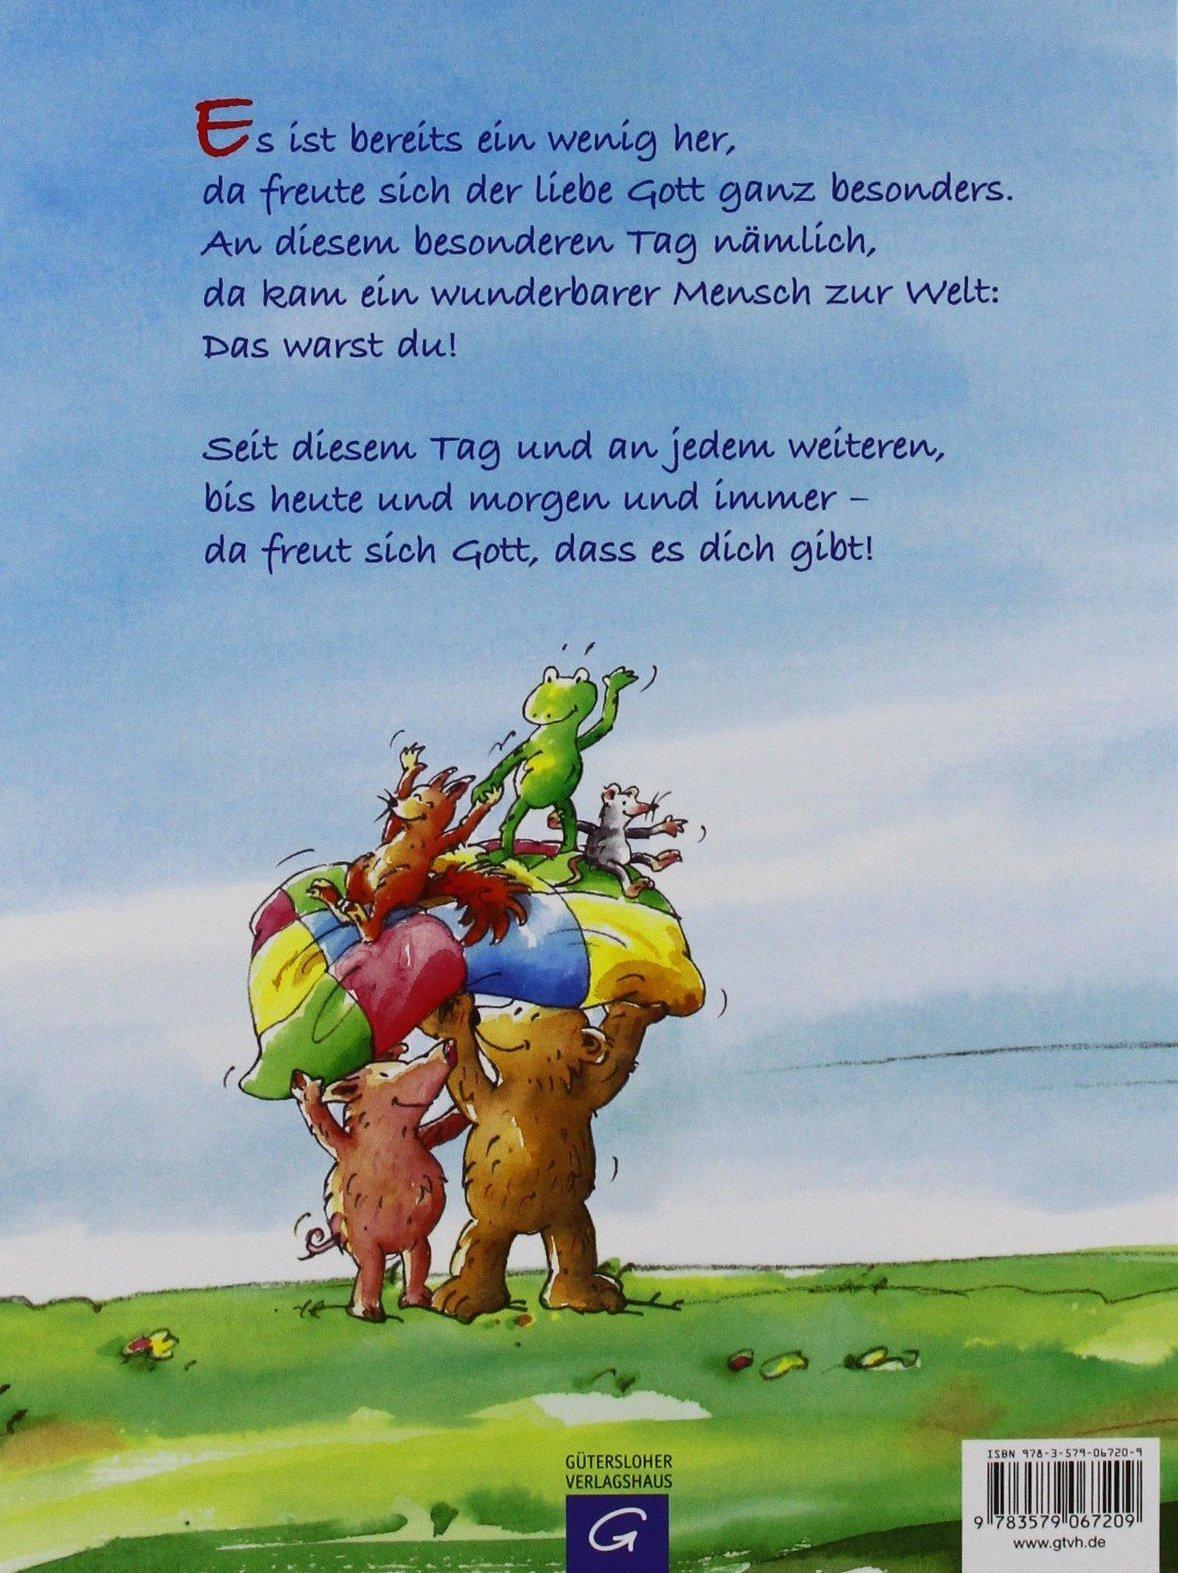 Weißt Du Schon Wie Lieb Gott Dich Hat Amazon De Franz Hübner Markus Humbach Bücher